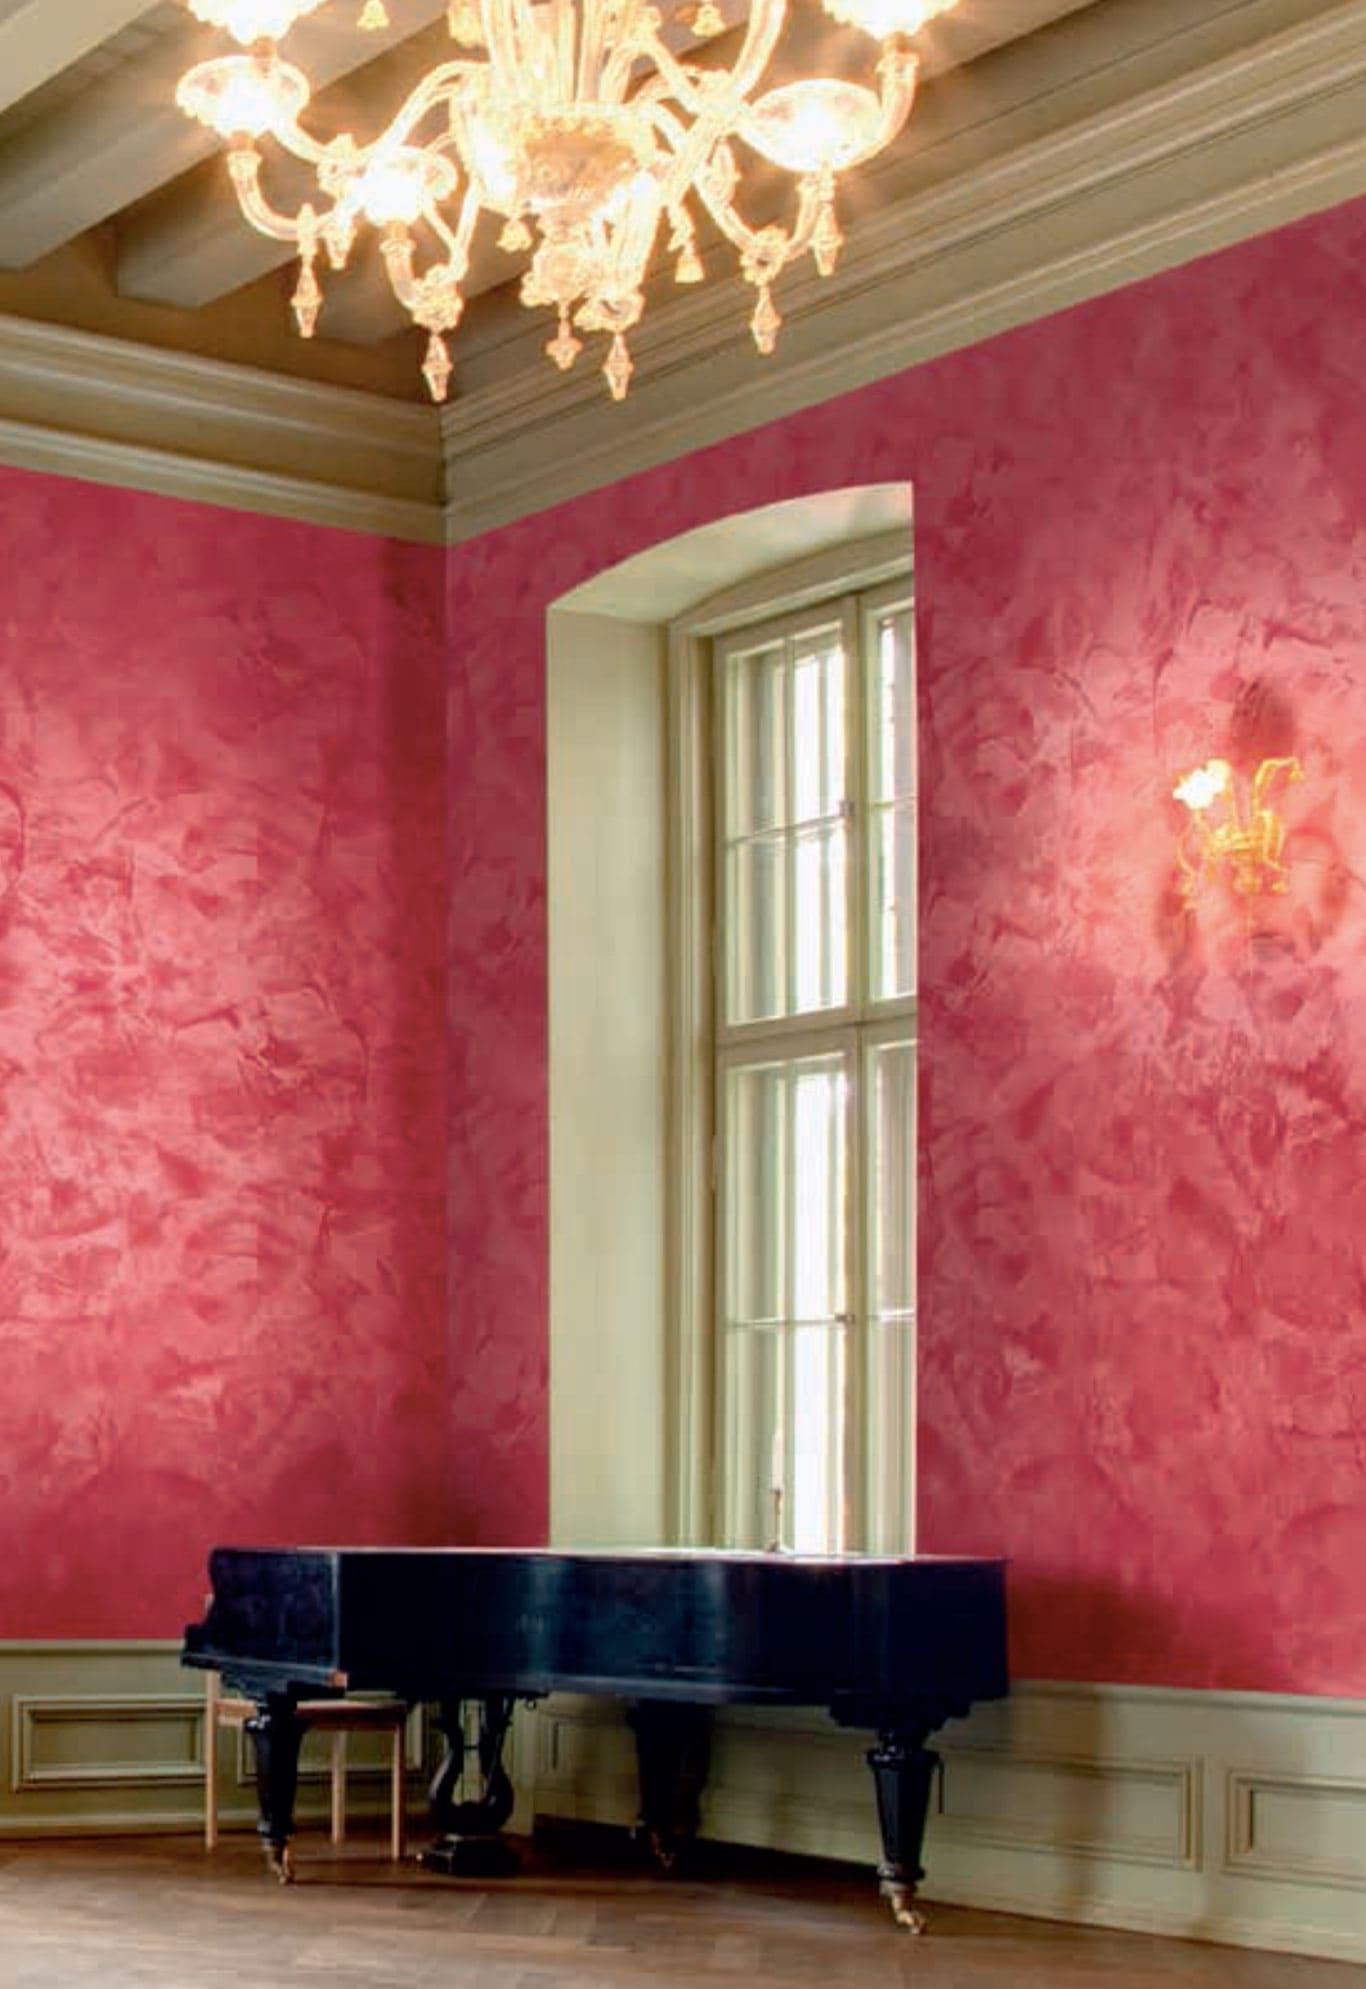 Декоративная штукатурка - лучшие красивые варианты отделки стен в интерьере 118